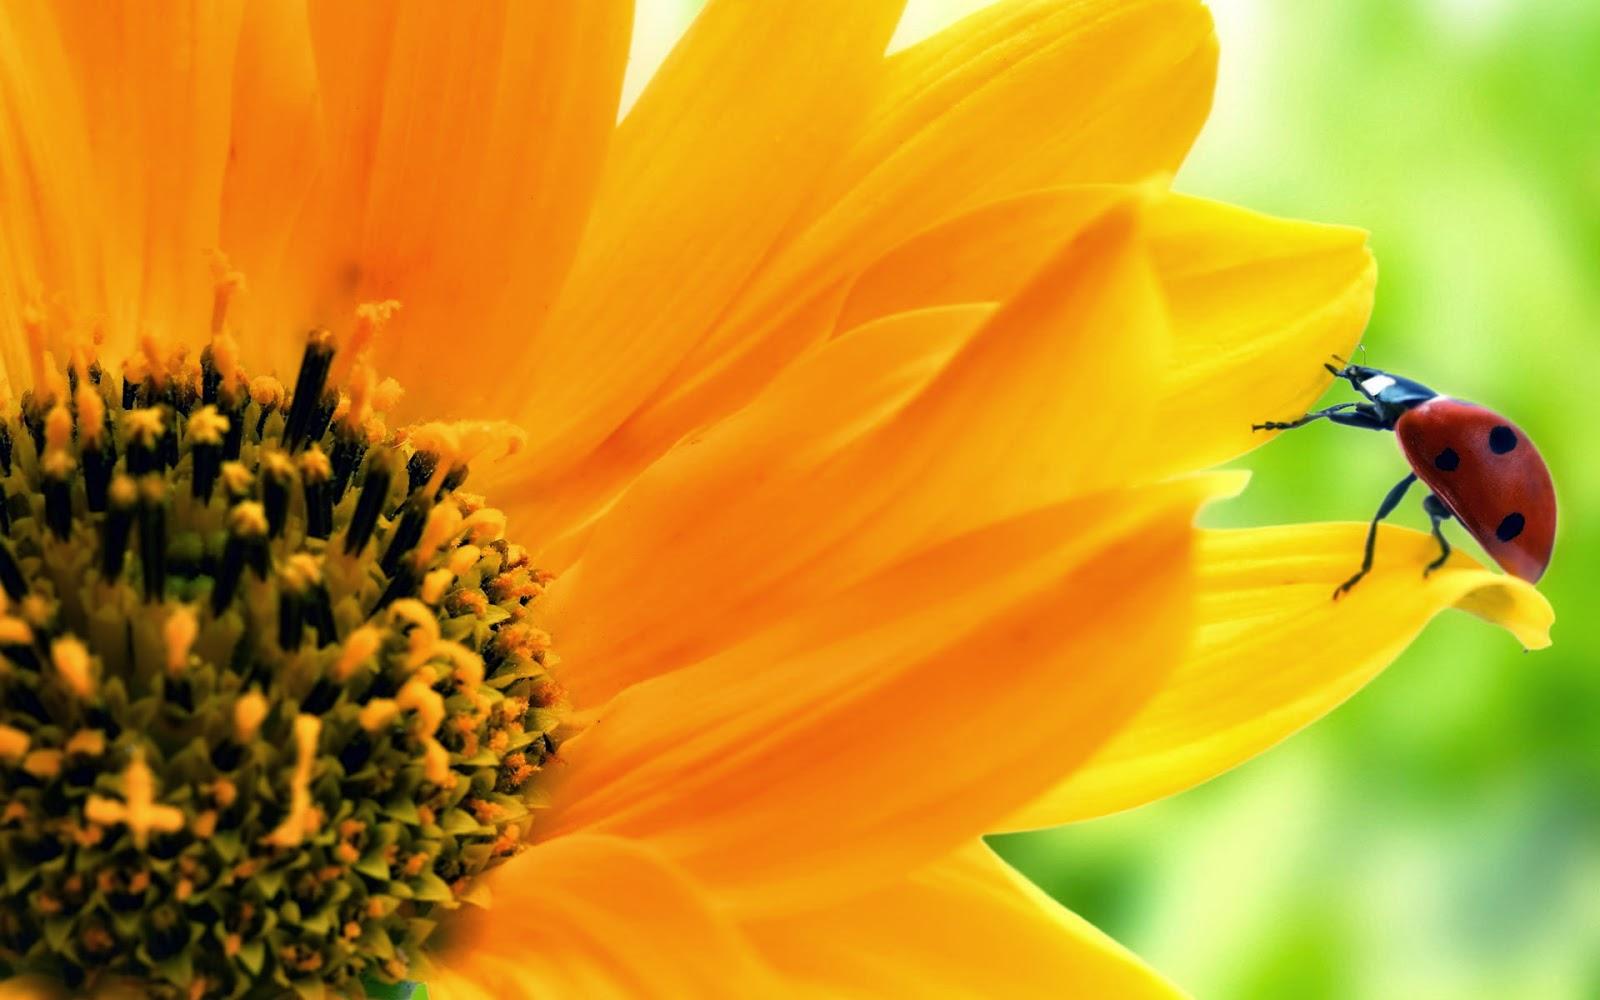 blackberry gemini bunga matahari